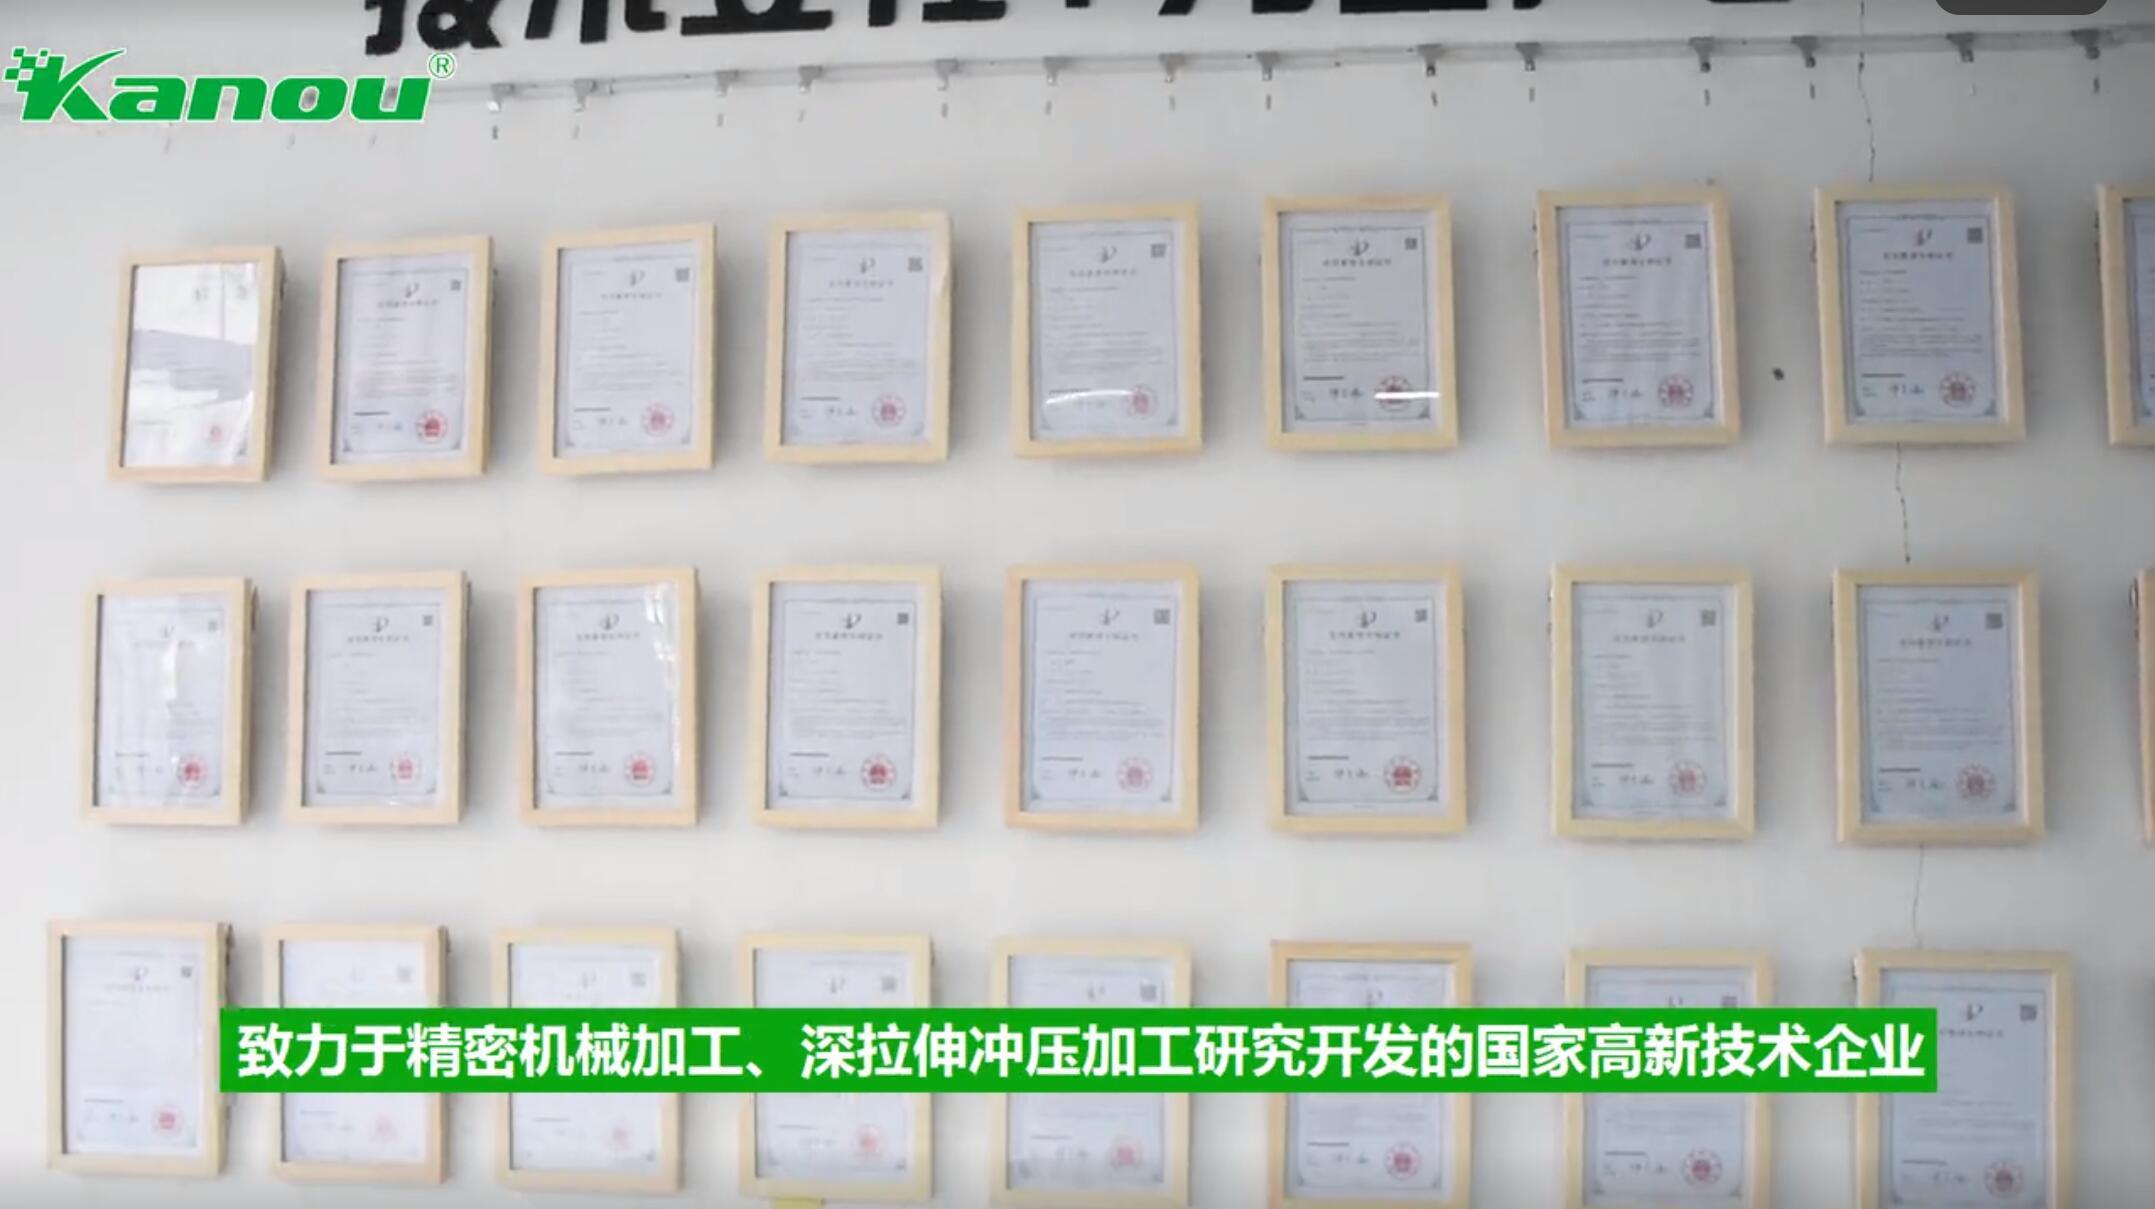 东莞凯路汽车-富士冲深拉伸工厂介绍